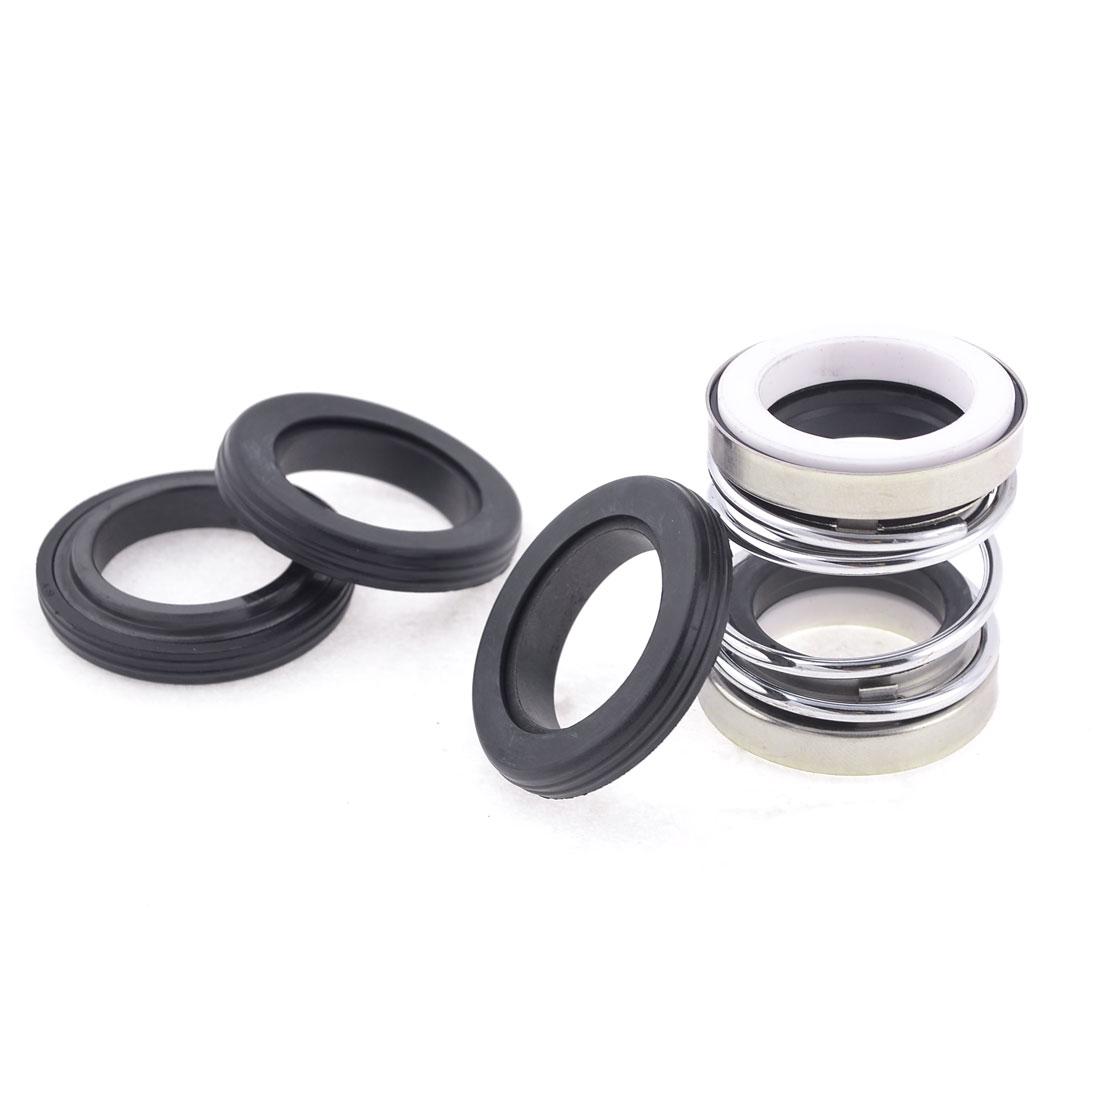 202-25 25mm Internal Dia Rubber Bellows Coil Water Mechanical Seal